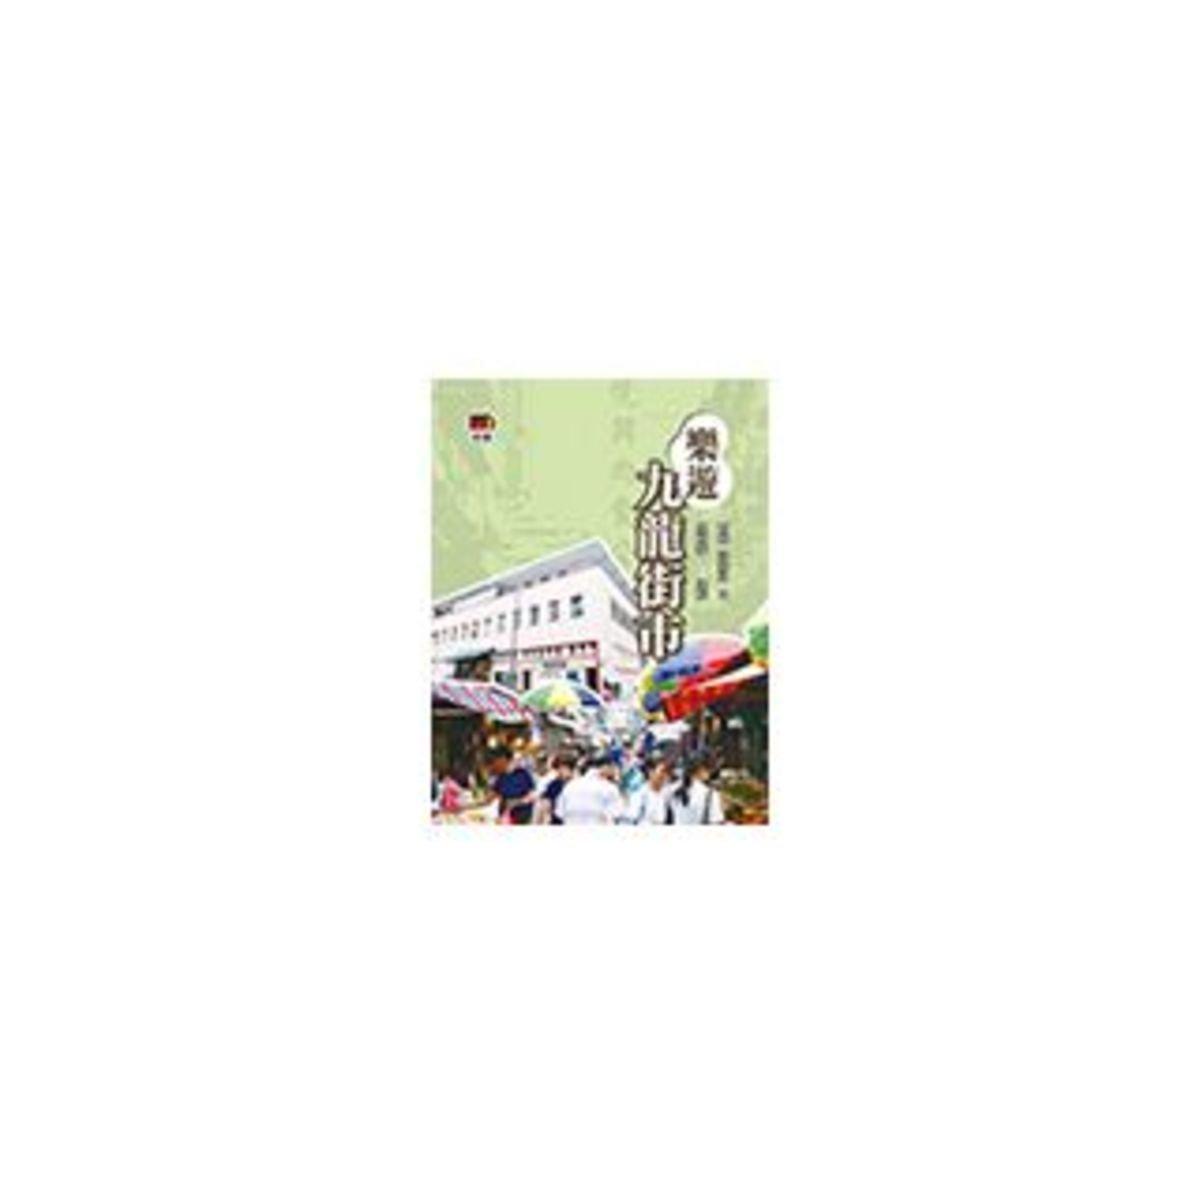 樂遊九龍街市